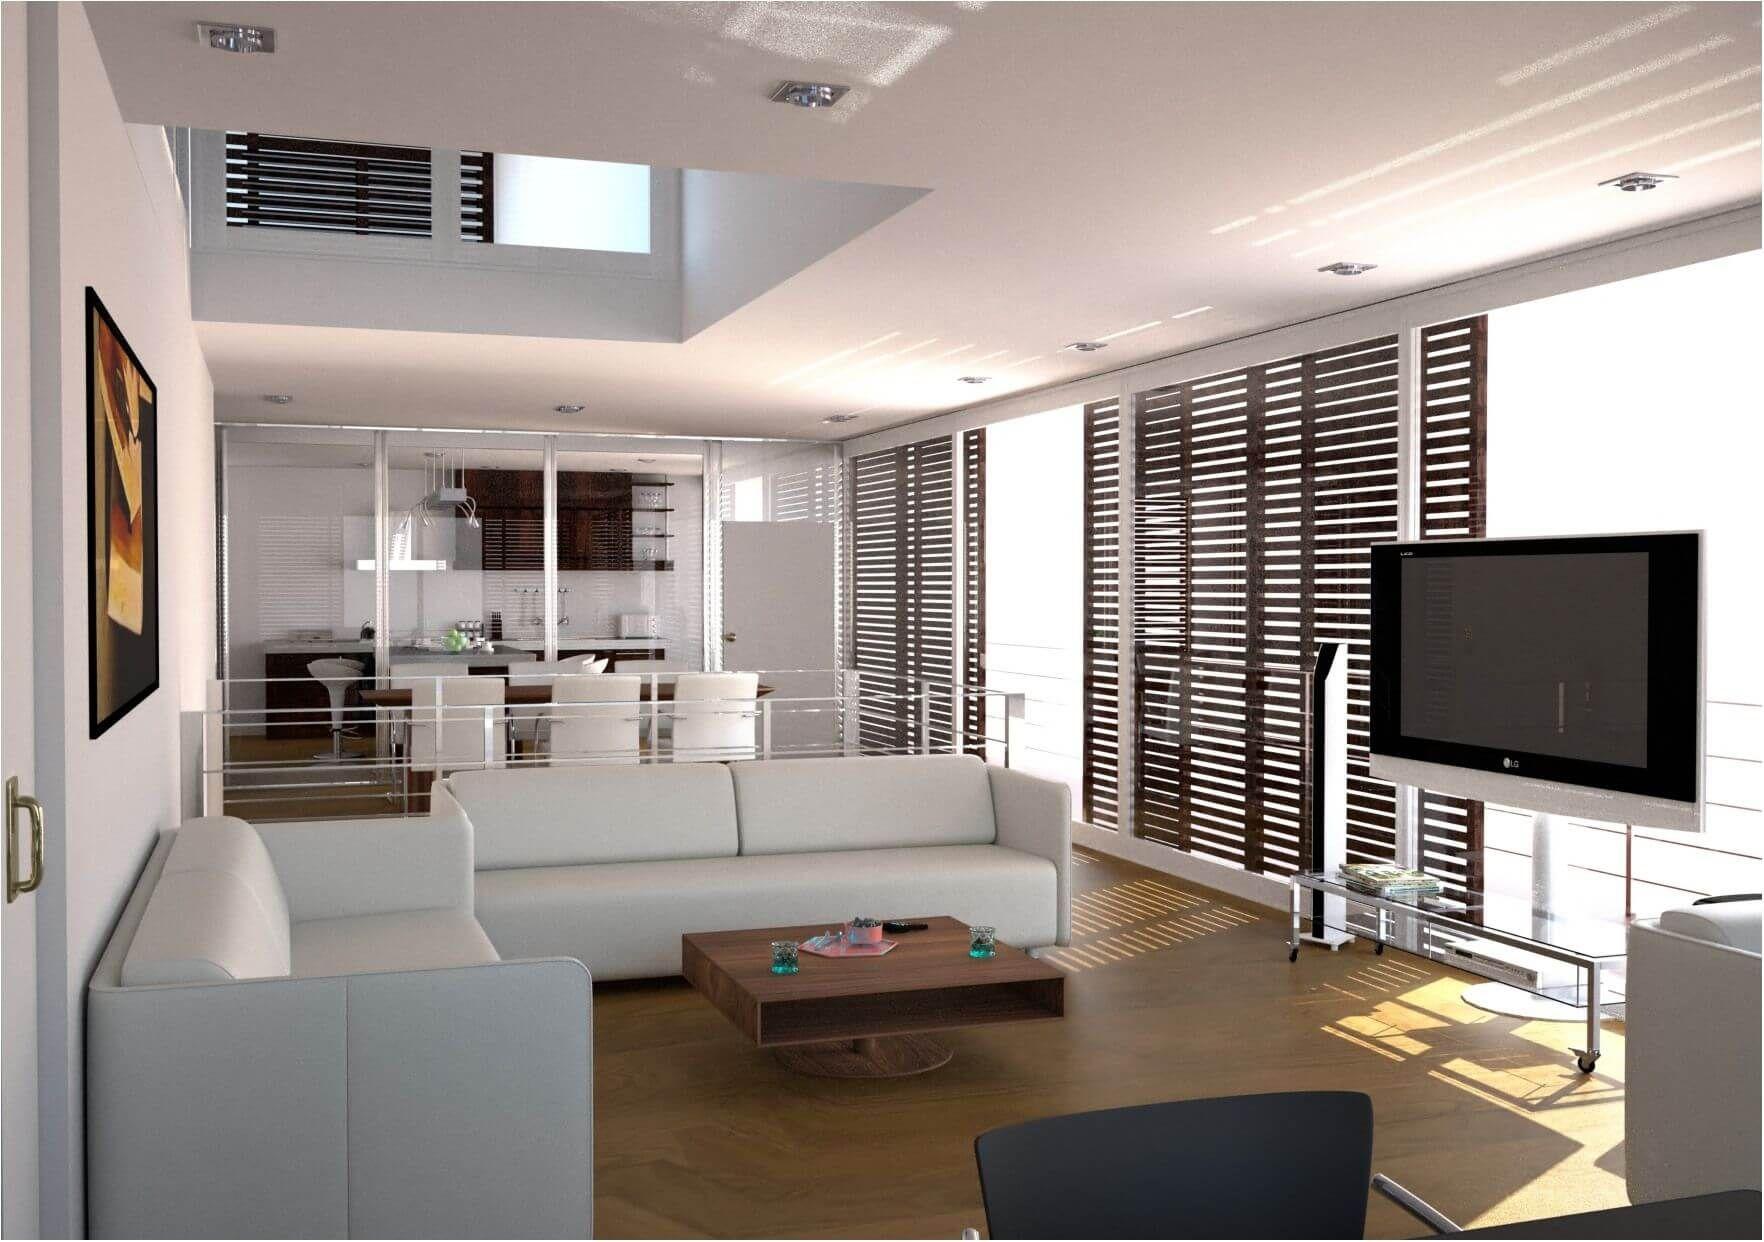 8fa7bad1ae7245615e6855ca59d8319e - Download Small Modern Duplex House Interior Design PNG